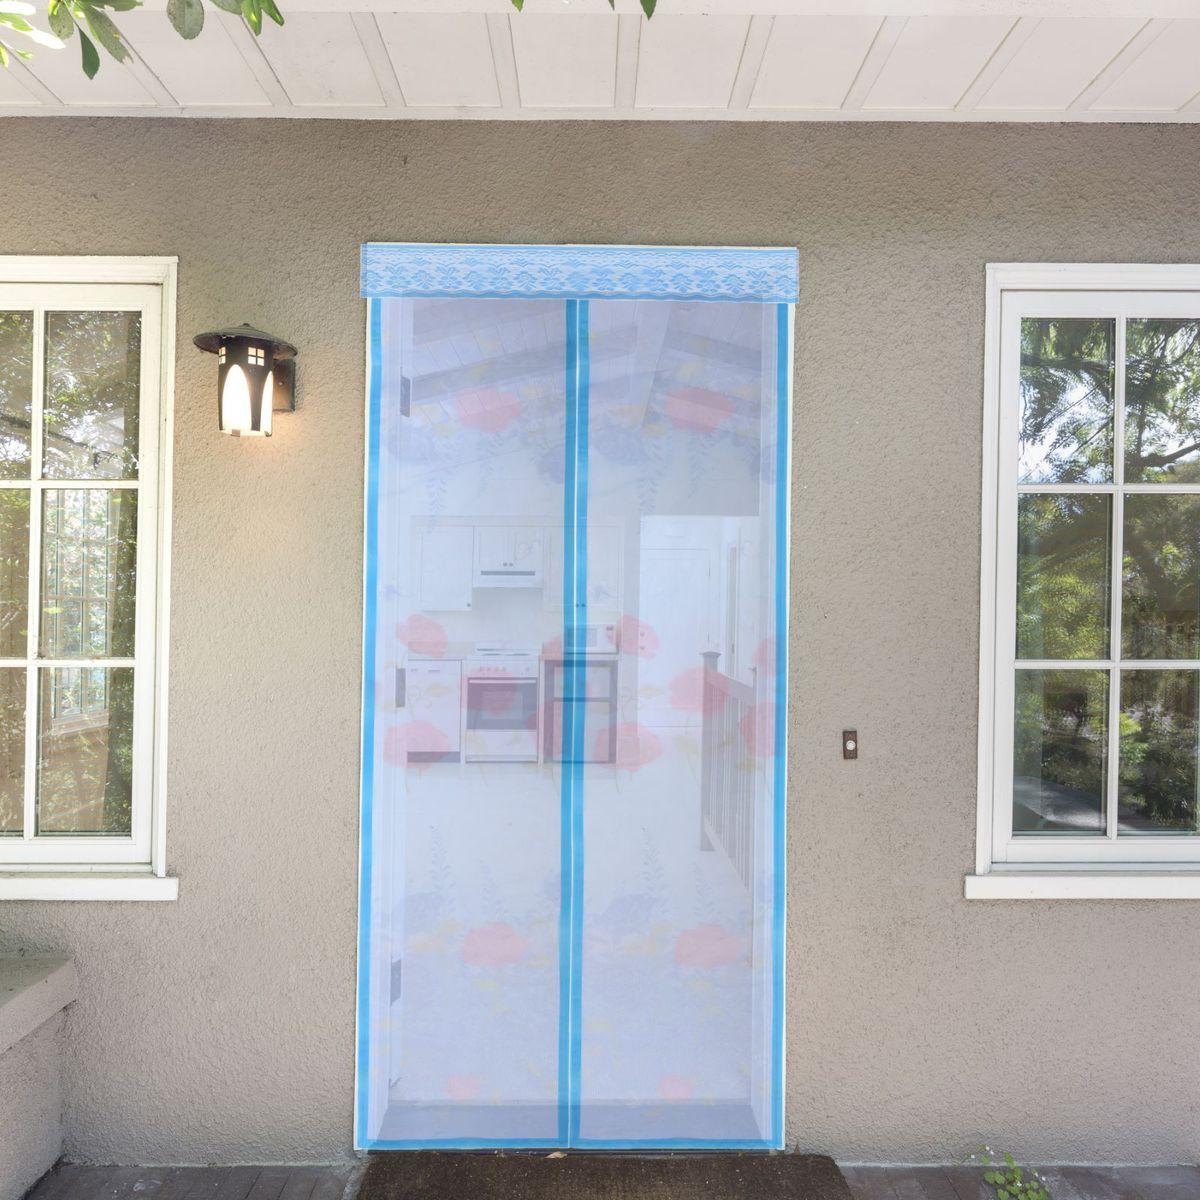 Сетка антимоскитная Цветы, на магнитной ленте, цвет: голубой, 80 х 210 смNap200 (40)Сетка антимоскитная Цветы от насекомых на магнитной ленте универсальна в использовании: подвесьте ее при входе в садовый дом или балкон, чтобы предотвратить попадание комаров внутрь жилища. Наслаждайтесь свежим воздухом без компании надоедливых насекомых.Чтобы зафиксировать занавес в дверном проеме, достаточно закрепить занавеску по периметру двери с помощью кнопок, идущих в комплекте.В комплект входит: полиэстеровая сетка-штора (80 x 210 см), магнитная лента и крепёжные крючки.Принцип действия занавеса предельно прост: каждый раз, когда вы будете проходить сквозь шторы, они автоматически захлопнутся за вами благодаря магнитам, расположенным по всей его длине.